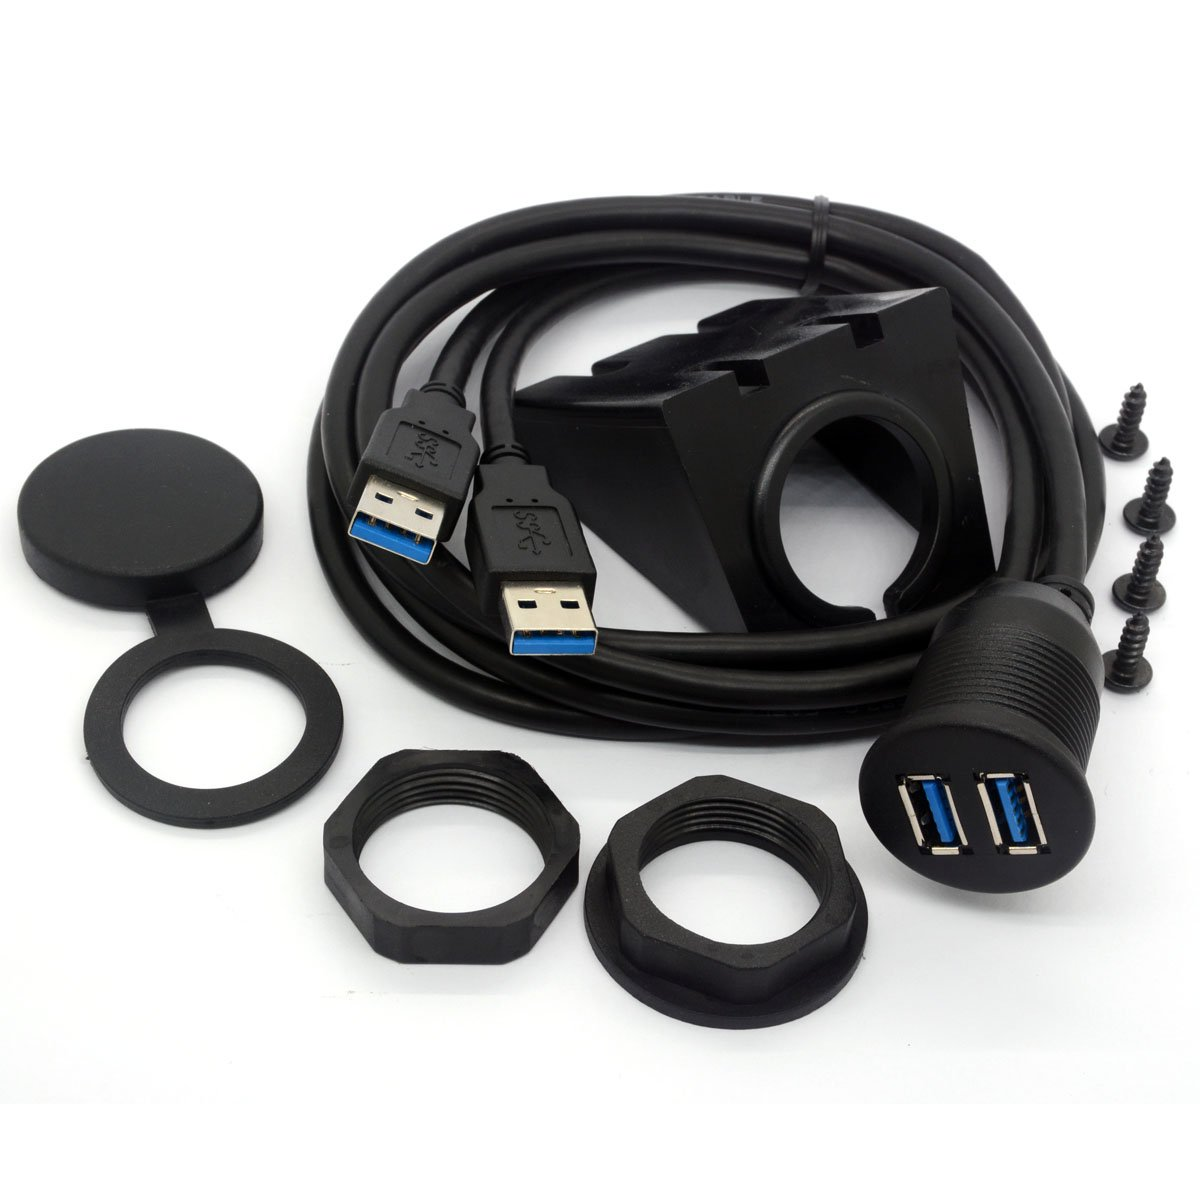 USB 3.0 cable de montaje empotrado USB Dual Flush Dash montaje en panel Cable macho a hembra Extensi/ón c/ódigo para coche cami/ón barco motocicleta salpicadero